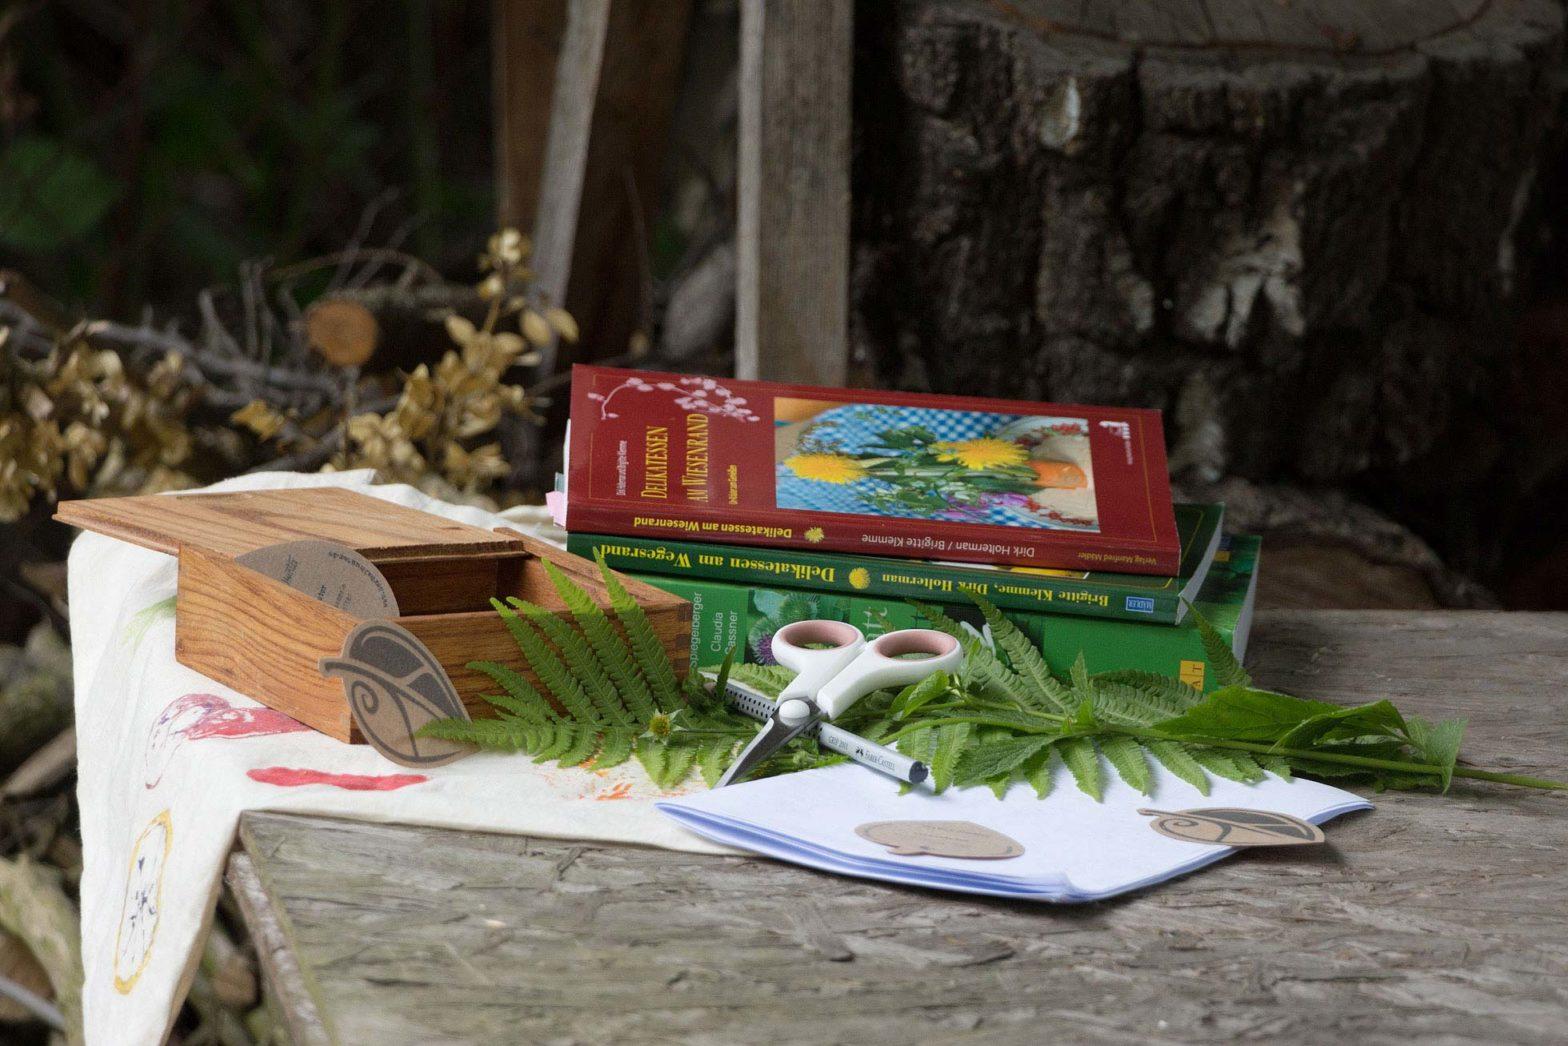 Kräuterbuch Empfehlung – Literaturempfehlungen zum Thema essbare Wildpflanzen: